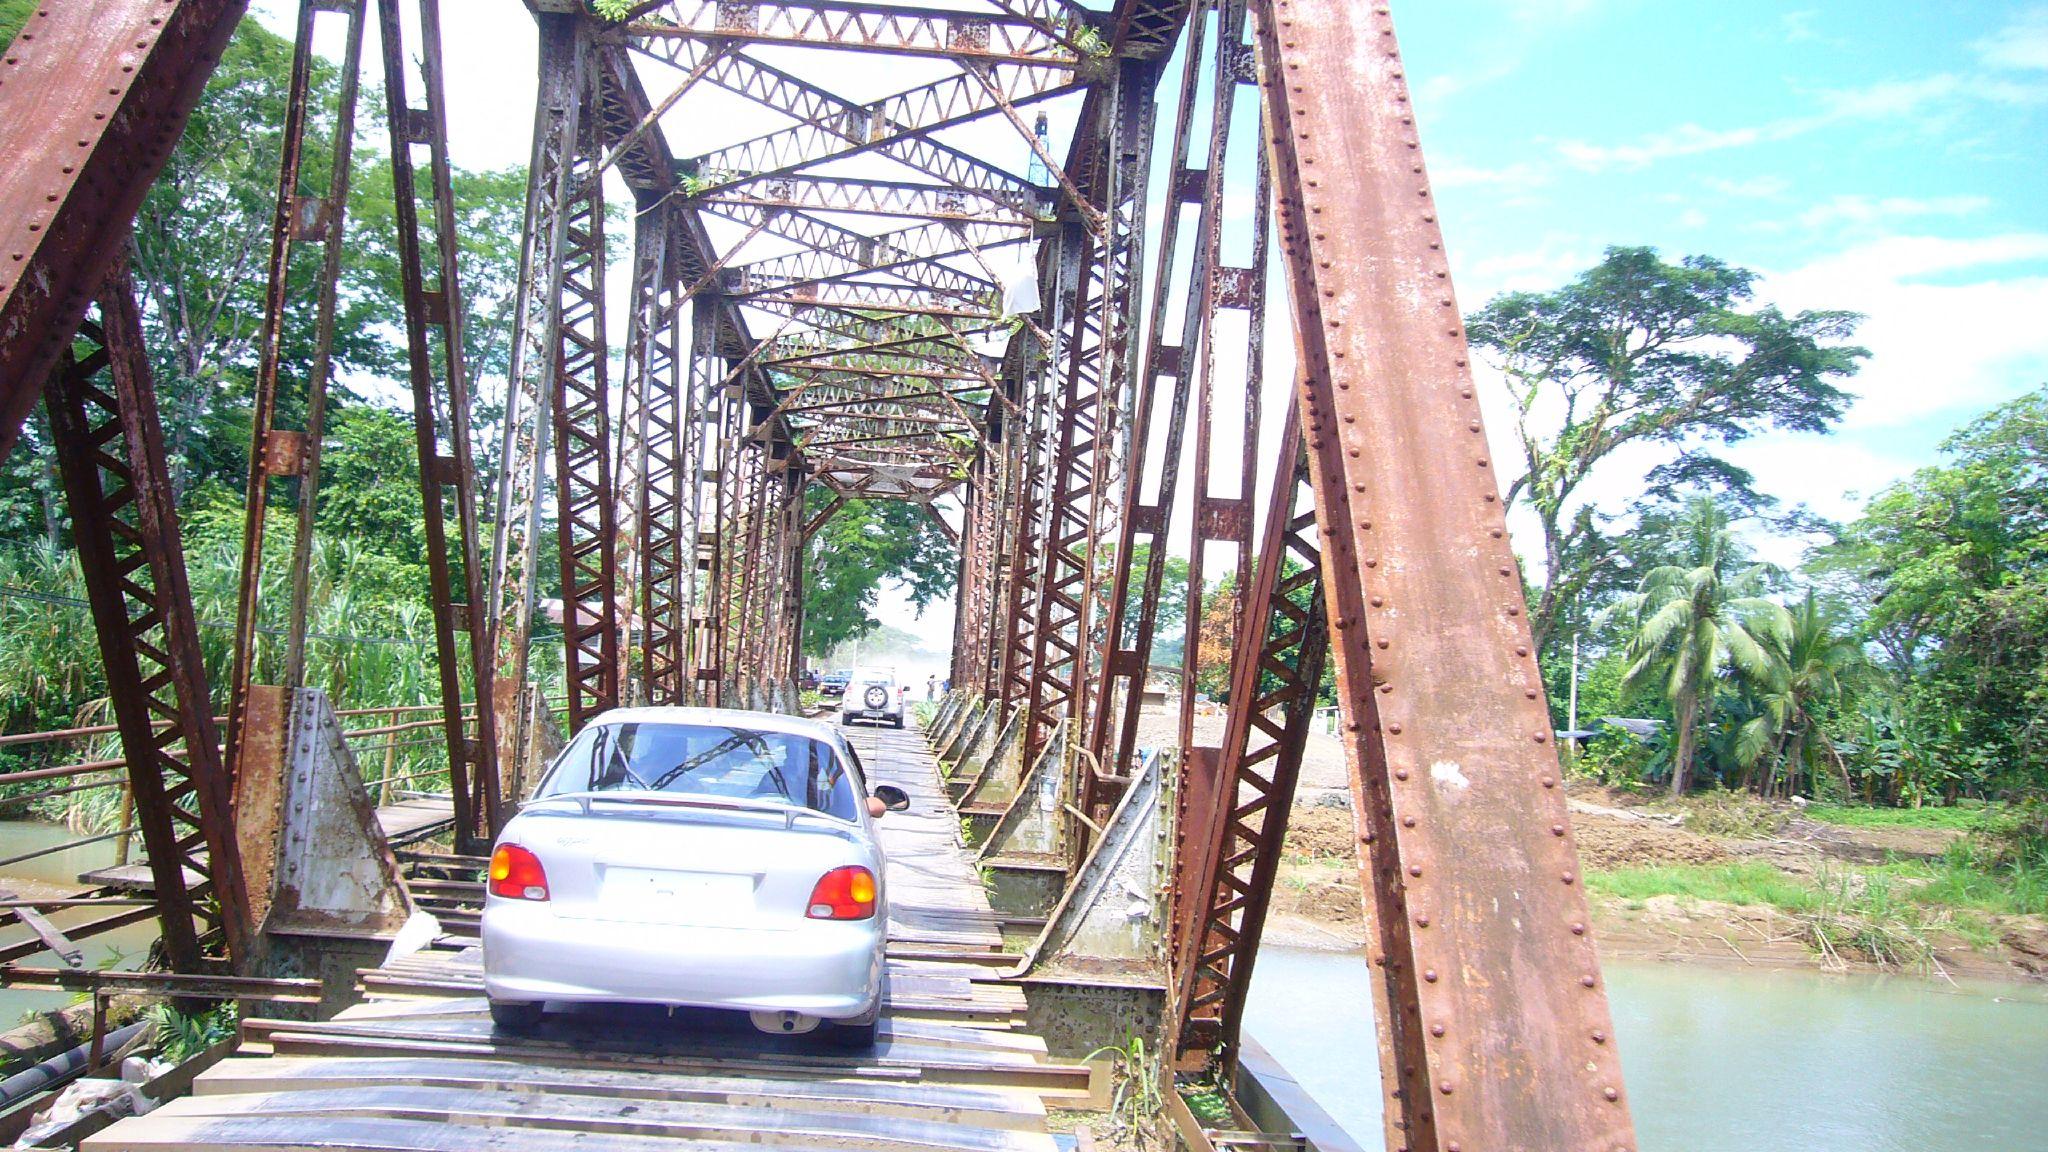 Costa Rica Quepos Bridge 0902 10 Of The World's Most Dangerous Bridges